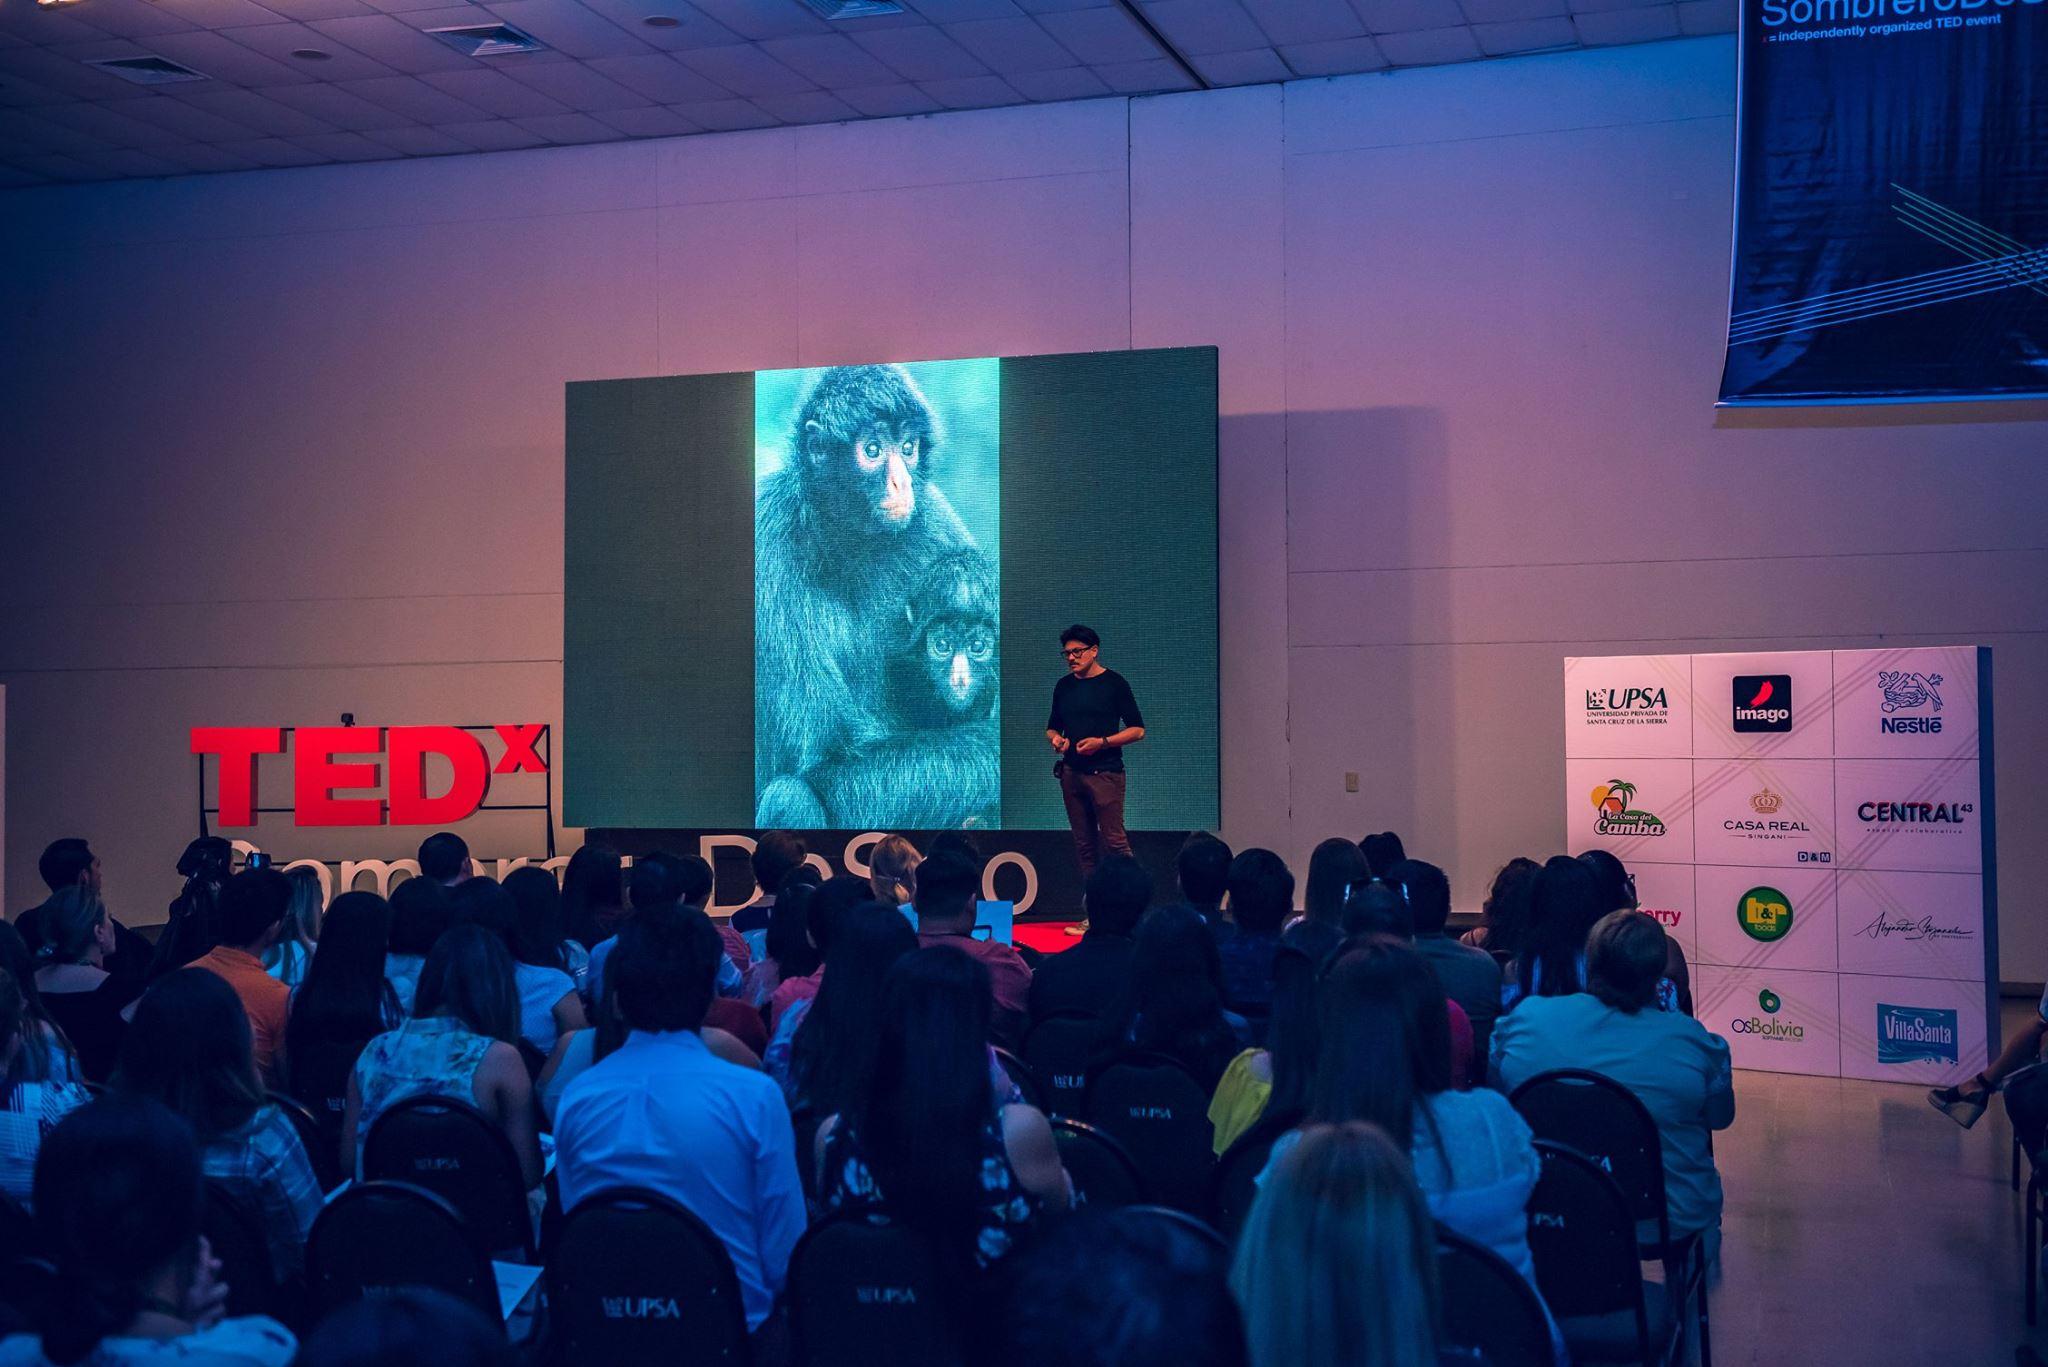 Charla Tedx de Adolfo Lino 2018